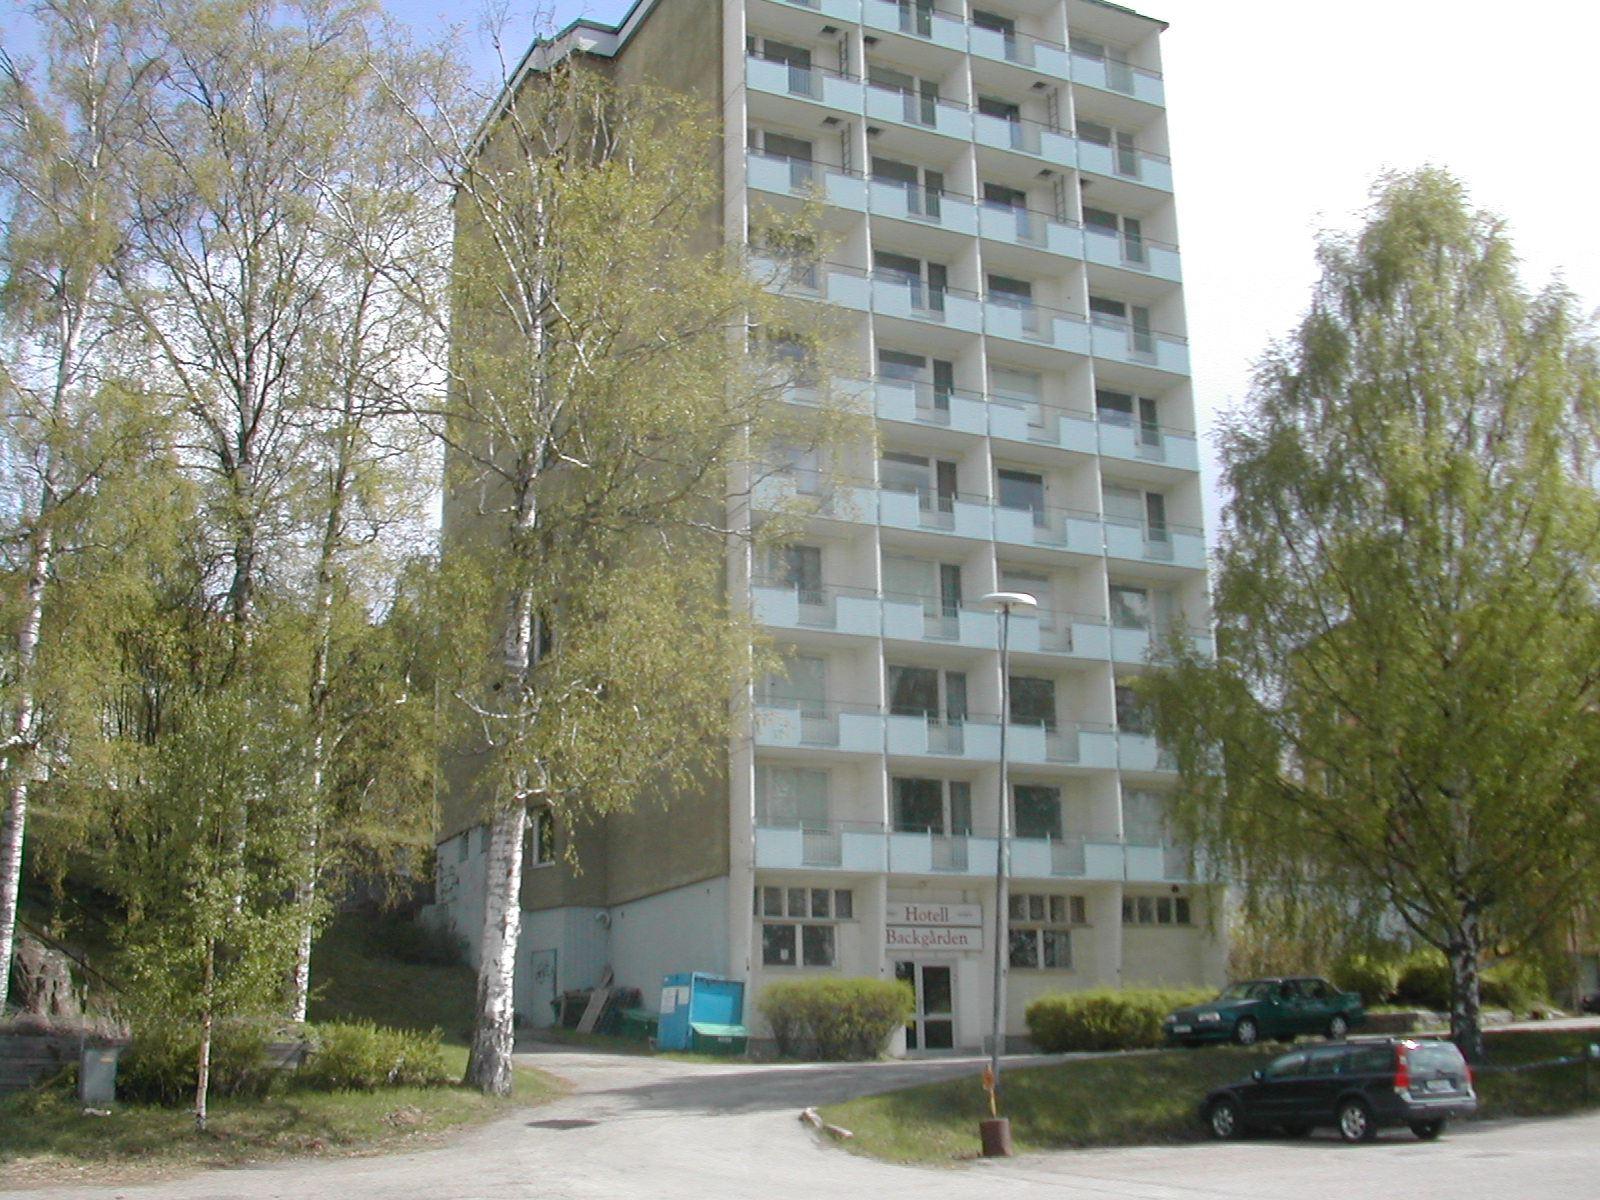 Backgården lägenhetshotell